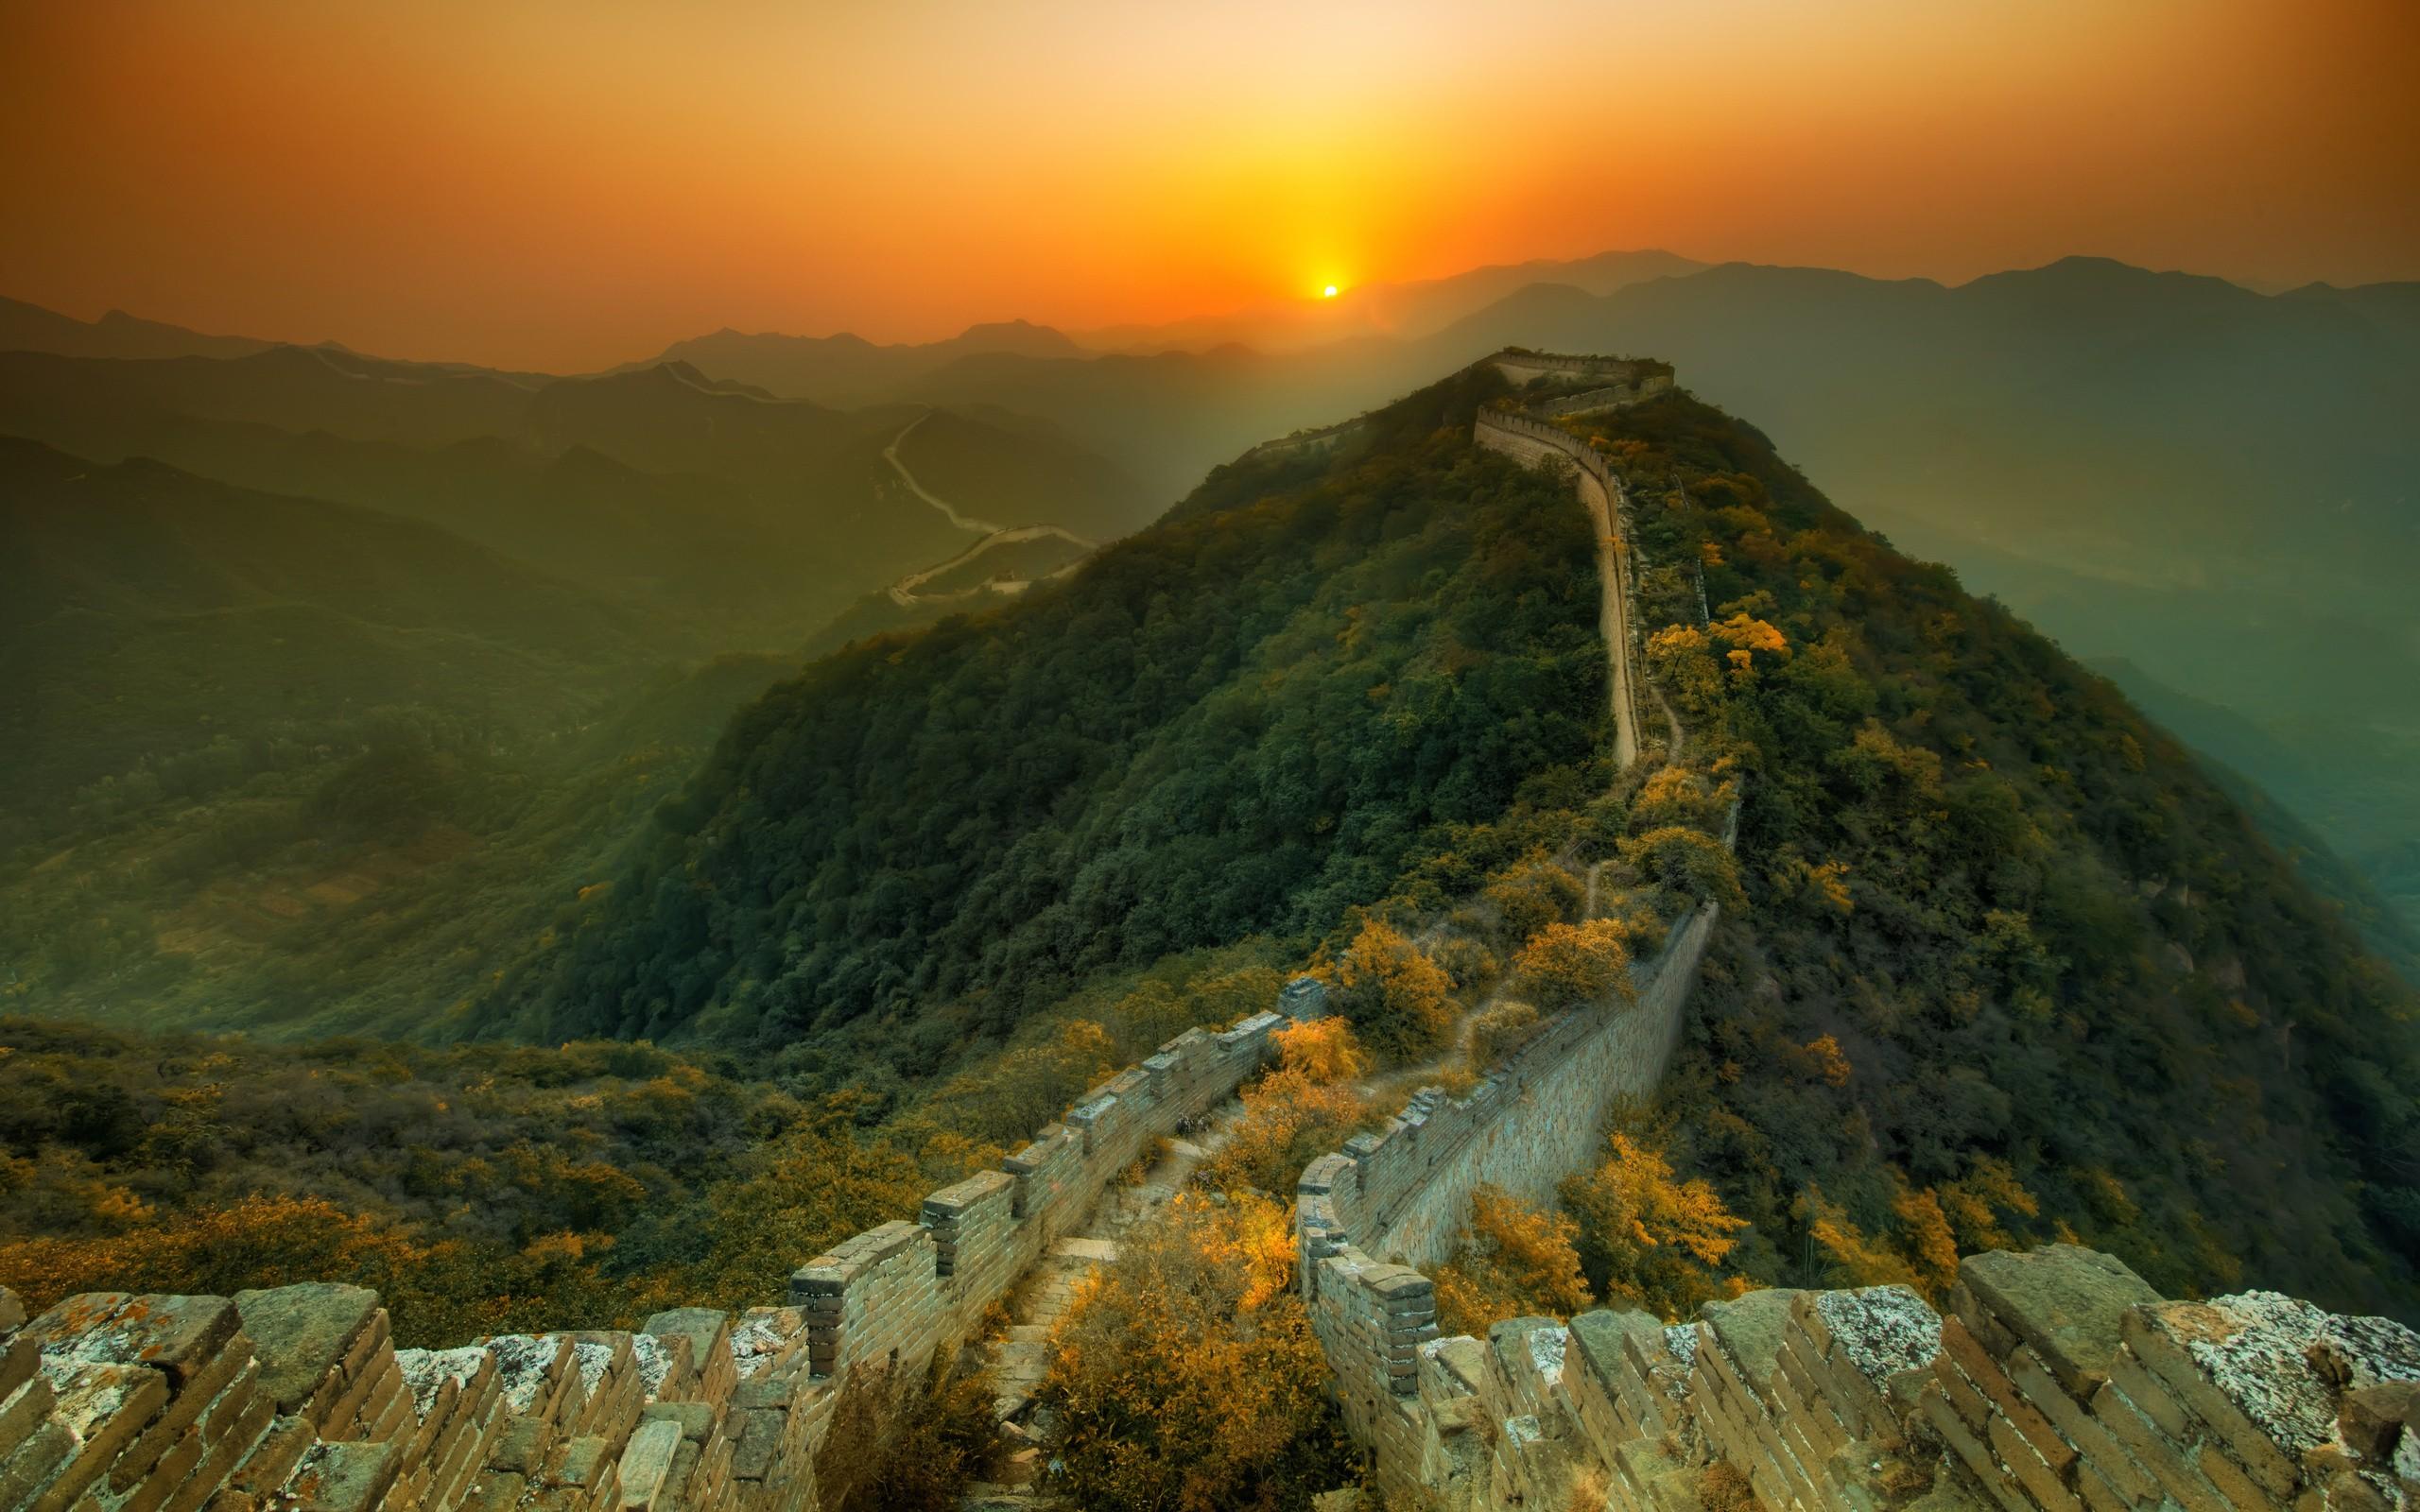 Great_Wall_of_China_sunset